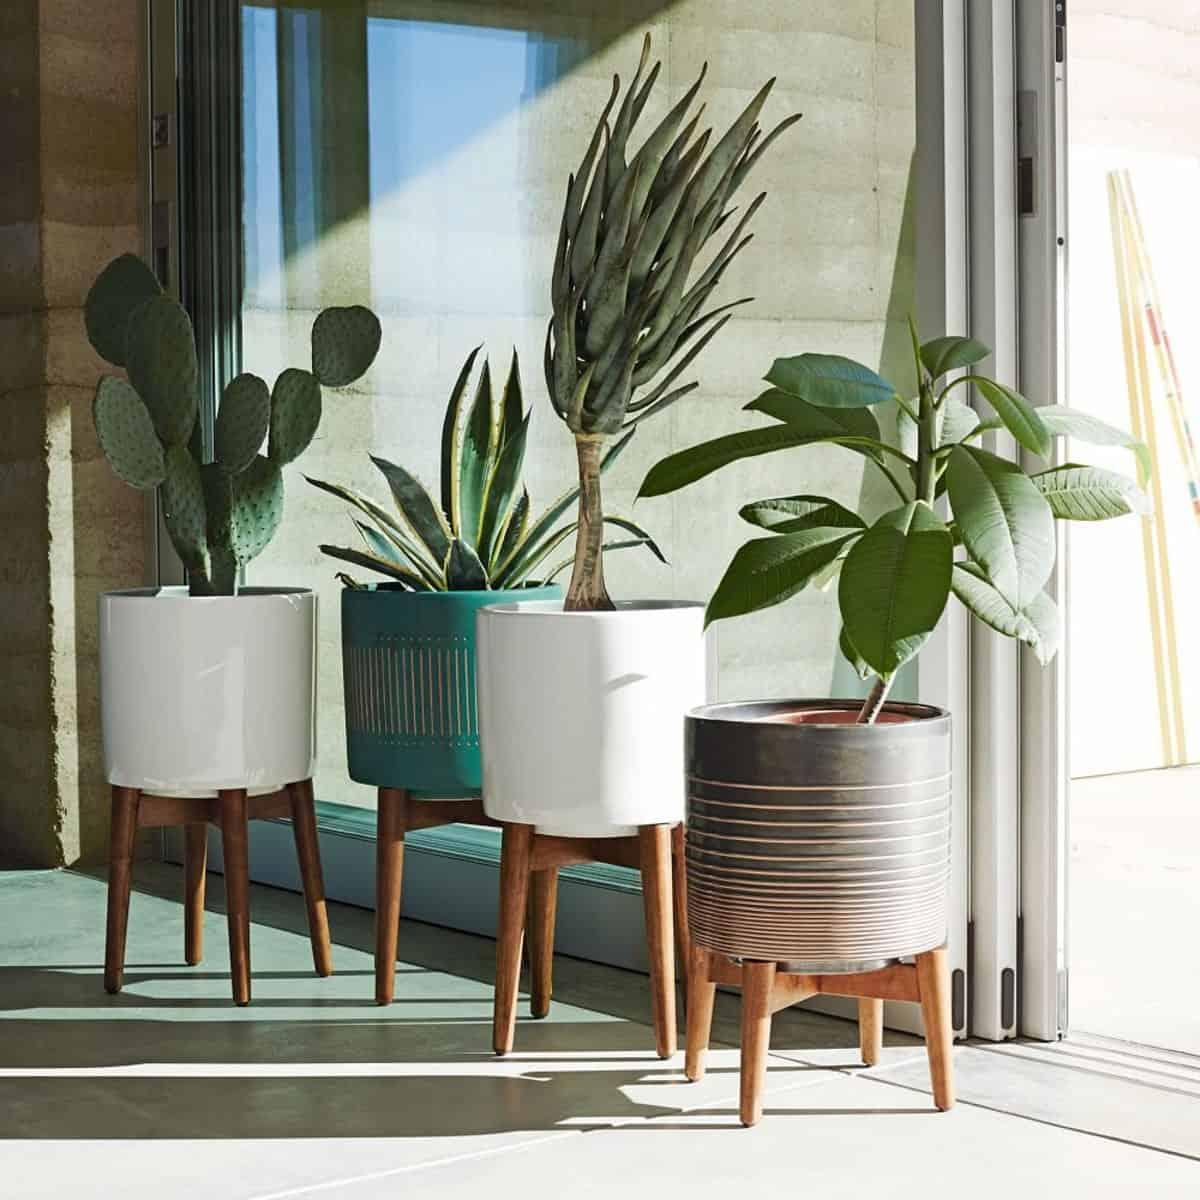 Trồng cây cảnh vừa tốt cho sức khỏe vừa trang trí nhà